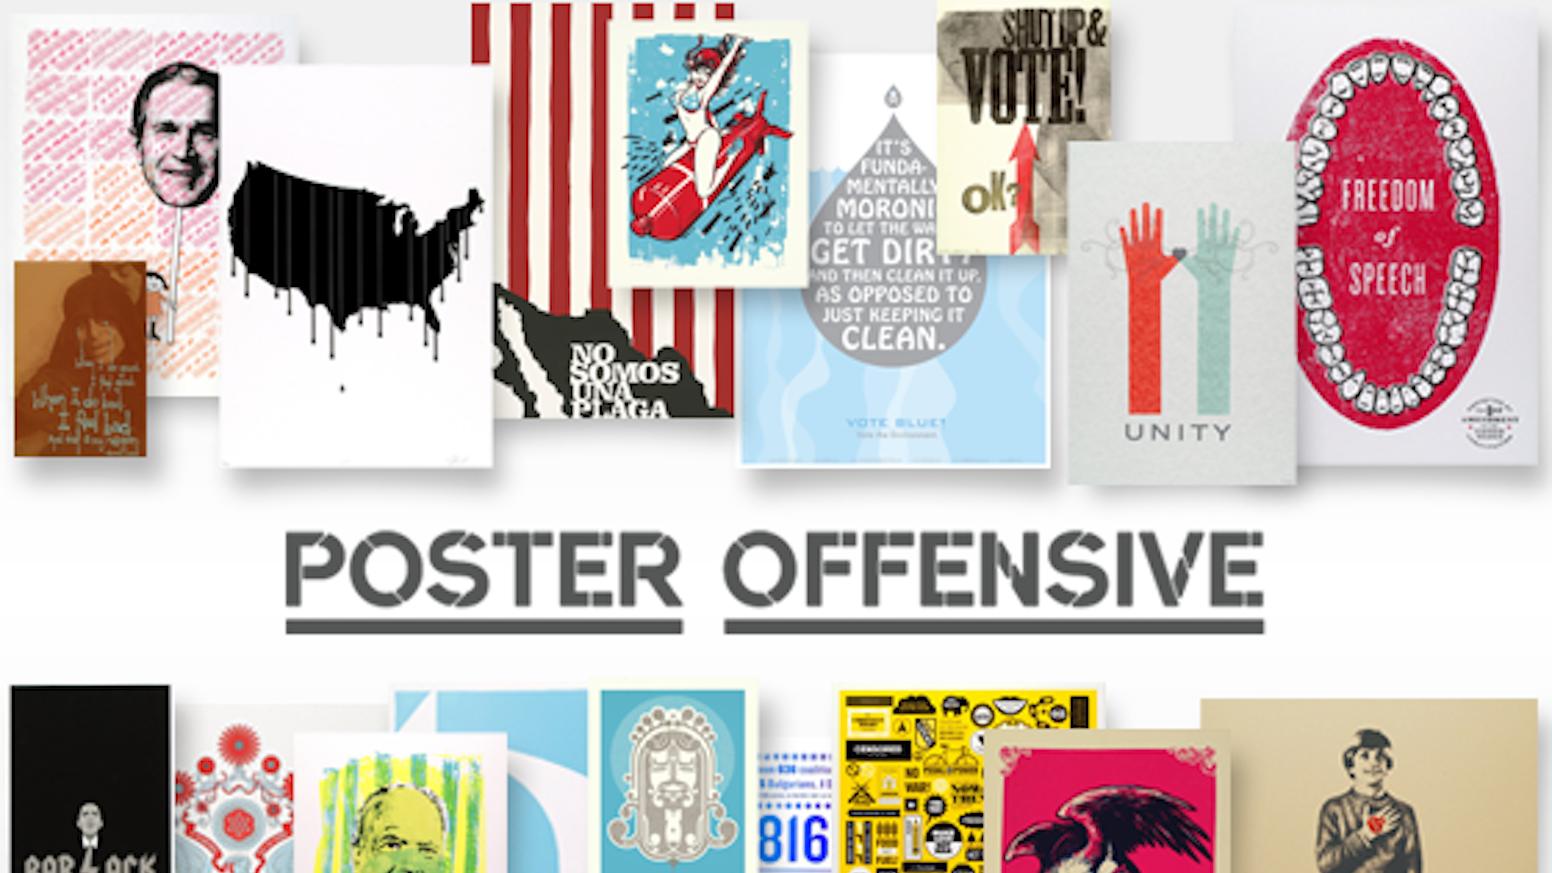 poster offensive 5 by peet fetsch kickstarter